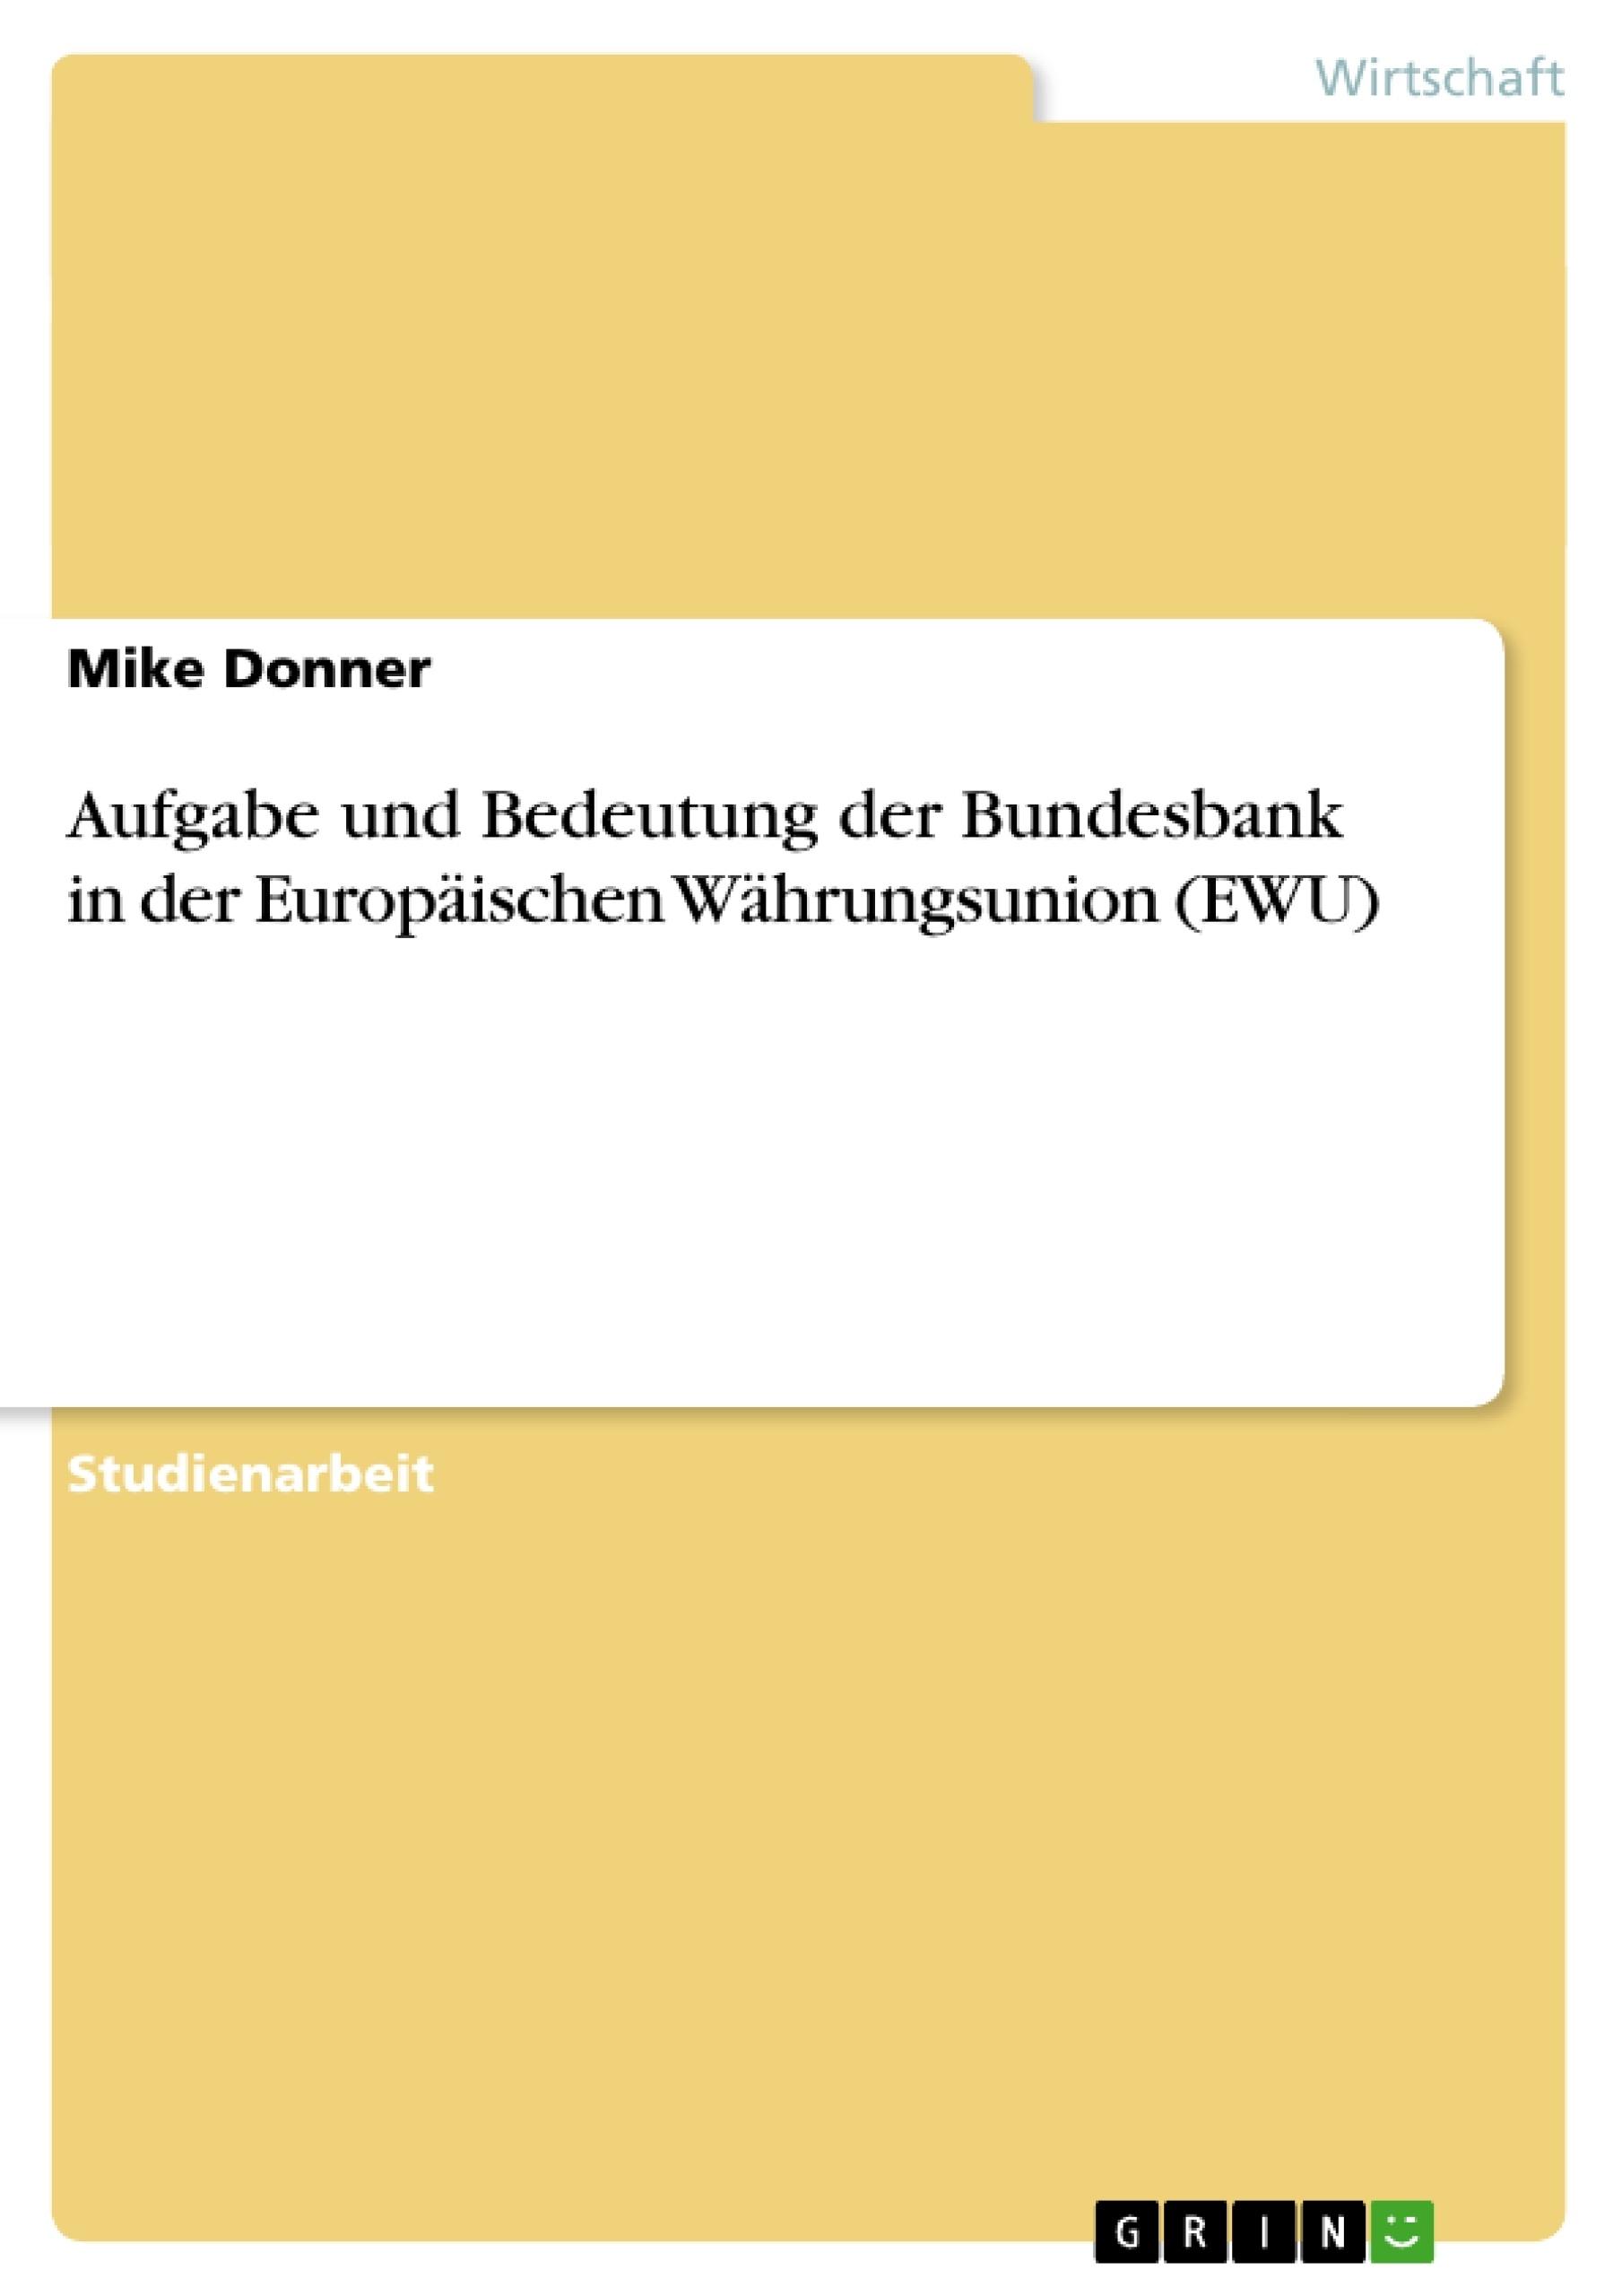 Titel: Aufgabe und Bedeutung der Bundesbank in der Europäischen Währungsunion (EWU)